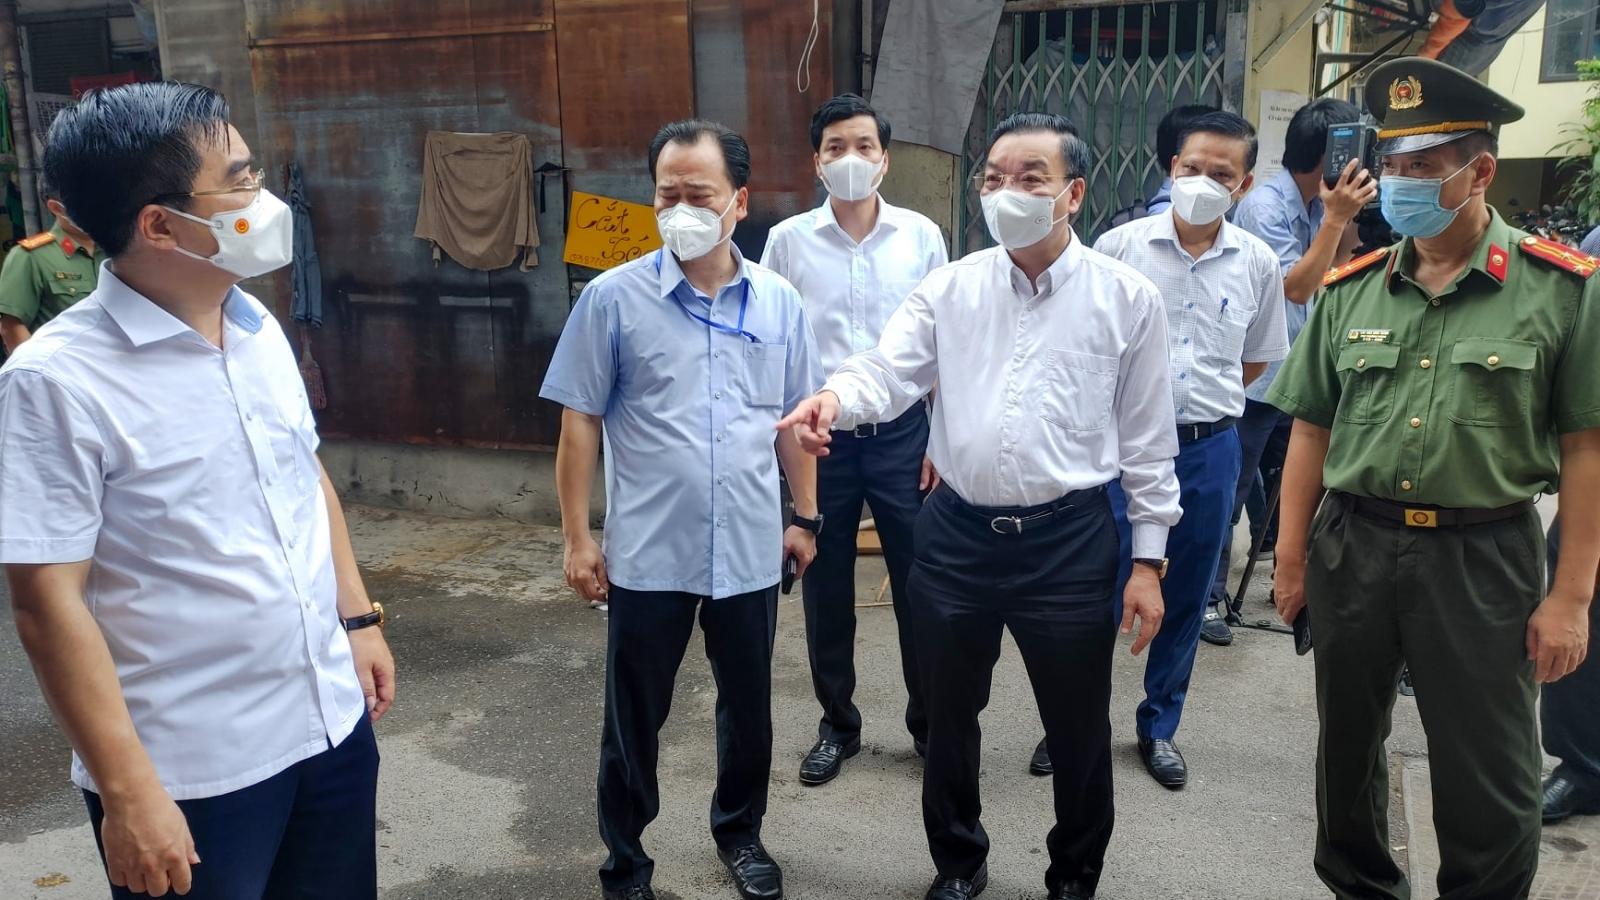 Chủ tịch Hà Nội thị sát, chỉ đạo hạ nhiệt điểm nóng Covid-19 nguy cơ nhất Thủ đô hiện nay